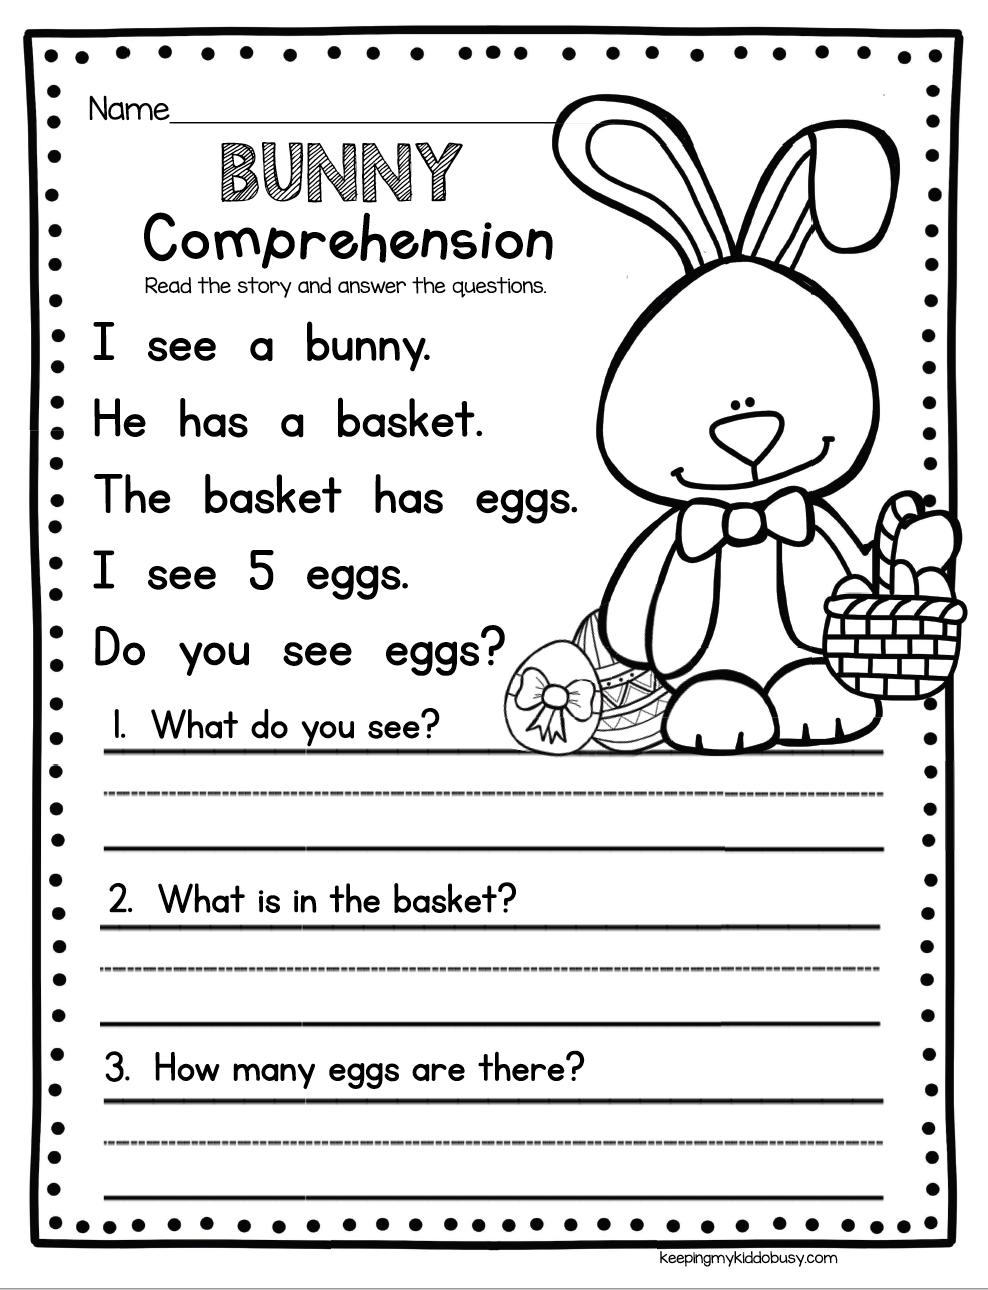 - BUNNY COMPREHENSION - Easy Way To Practice Comprehension